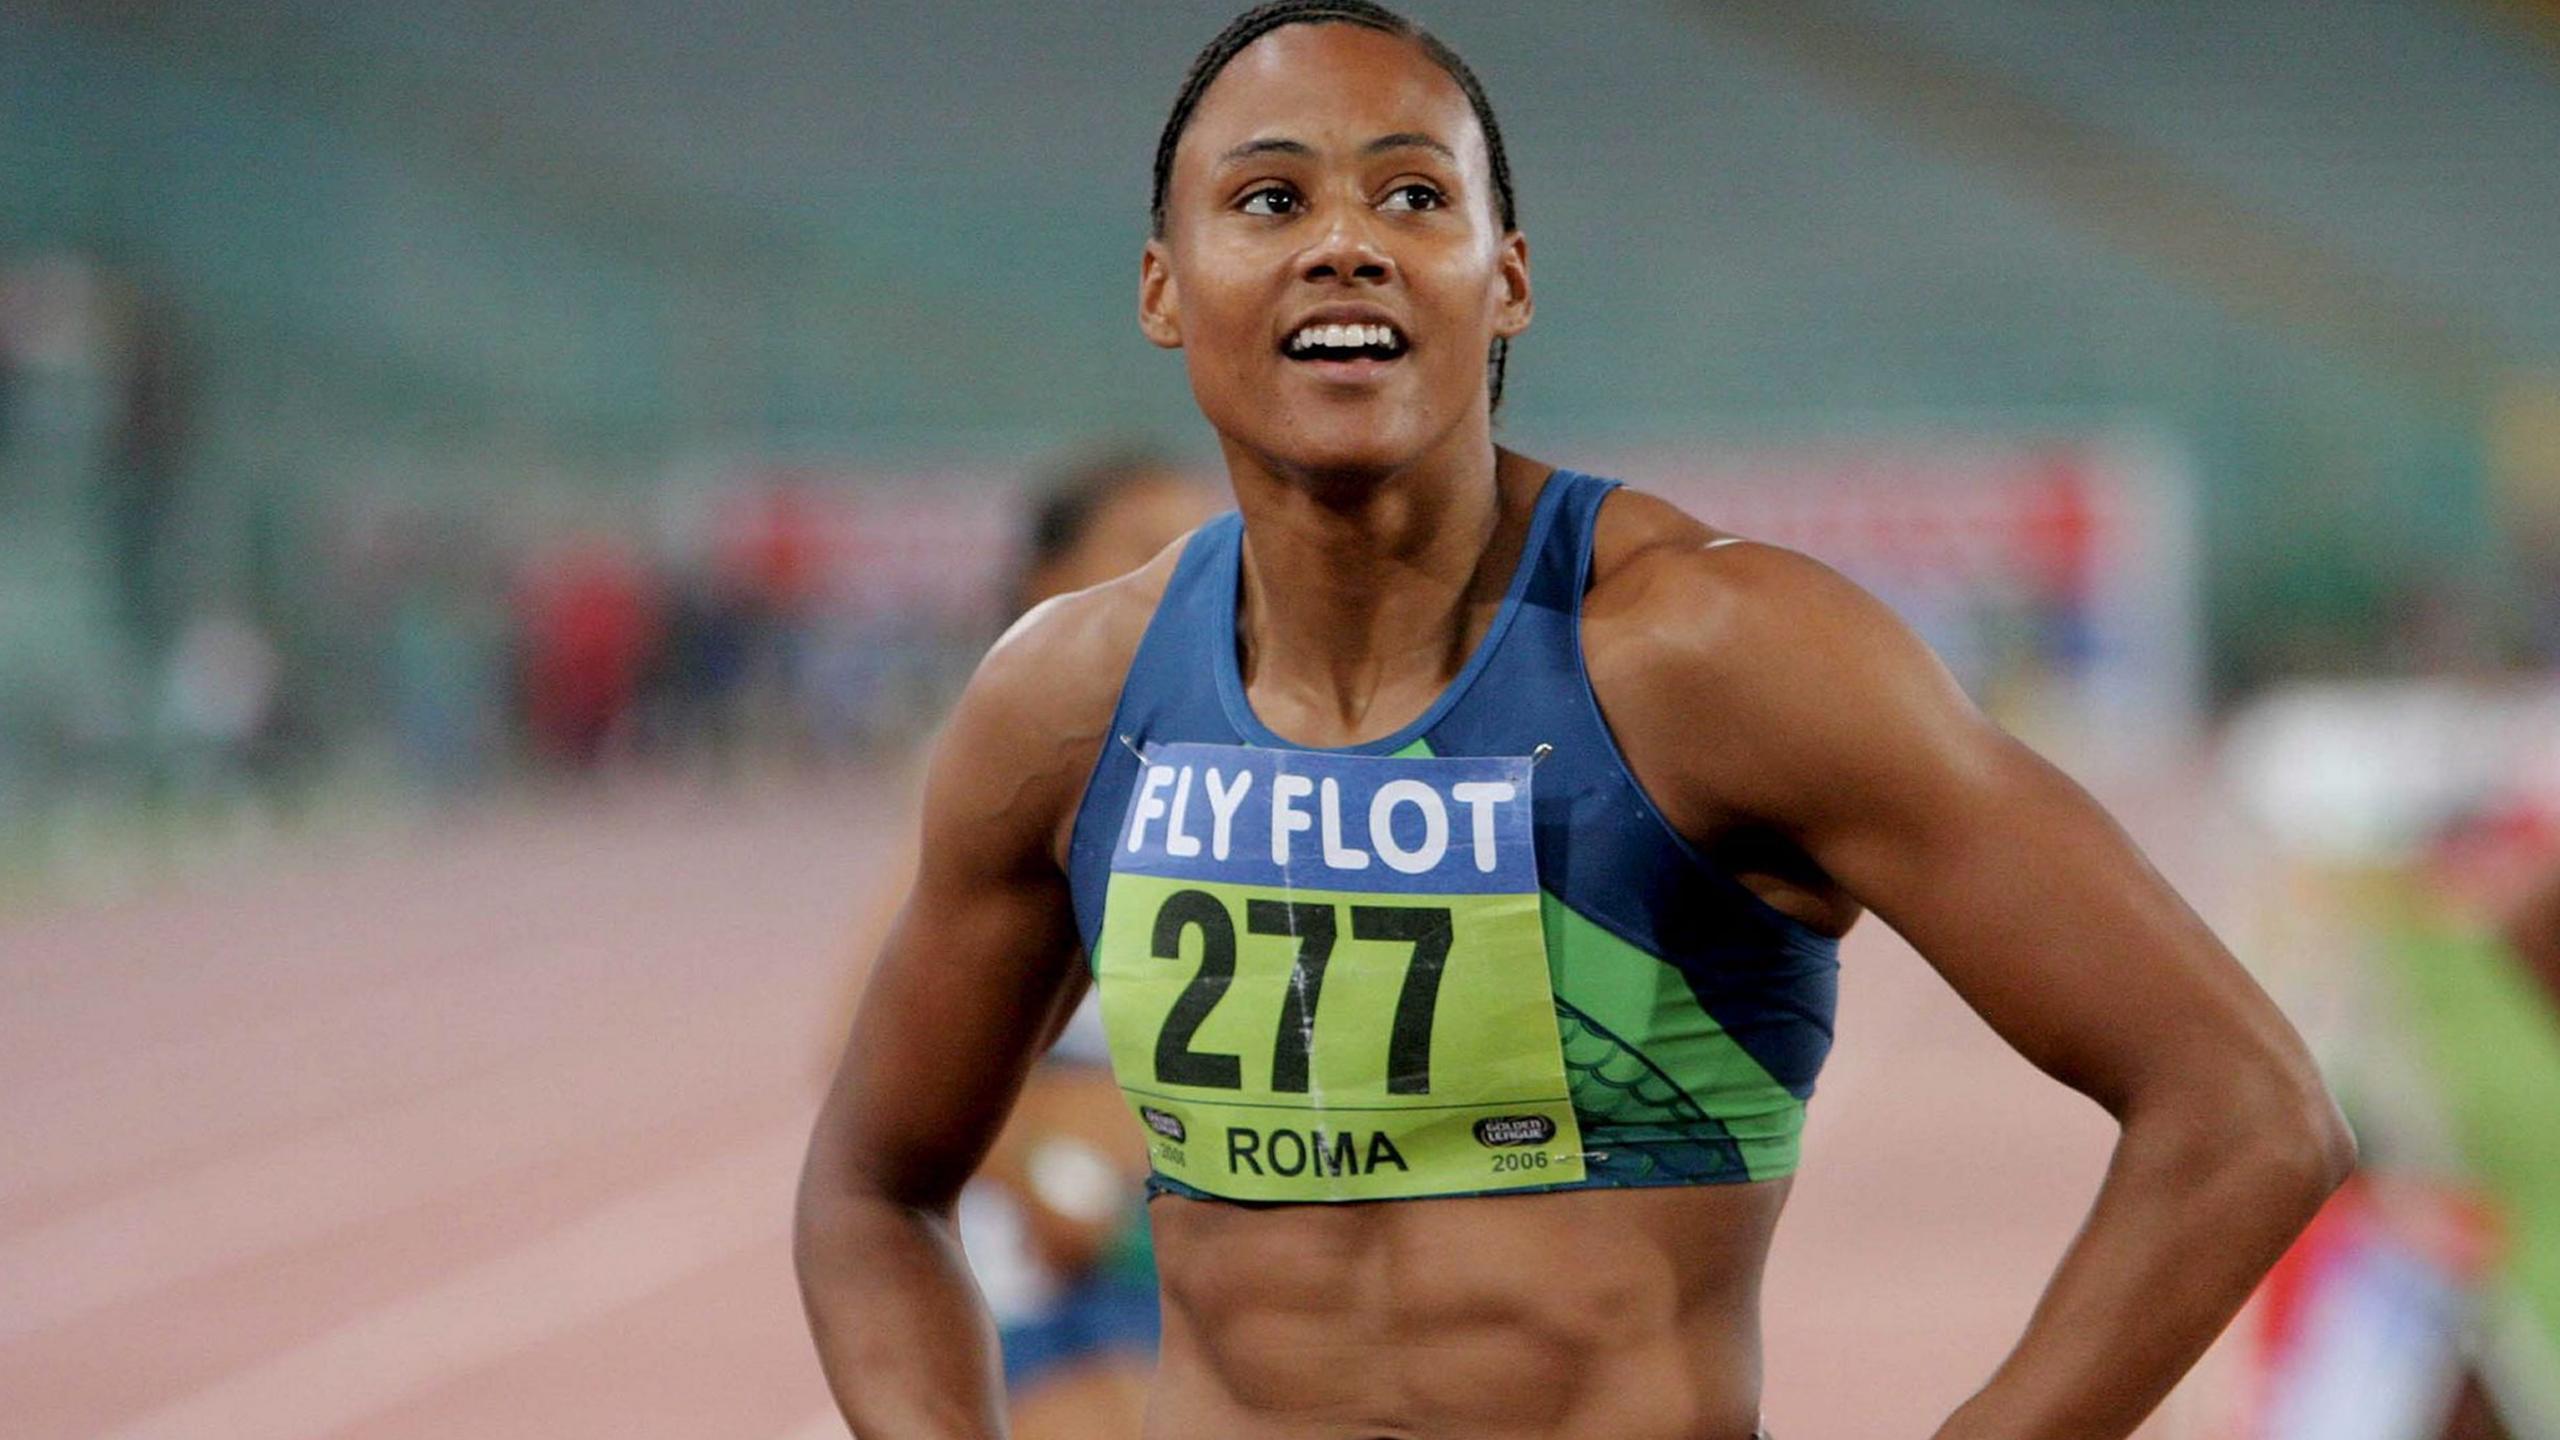 Она была иконой лёгкой атлетики, но закончила карьеру в тюрьме: что случилось с Мэрион Джонс